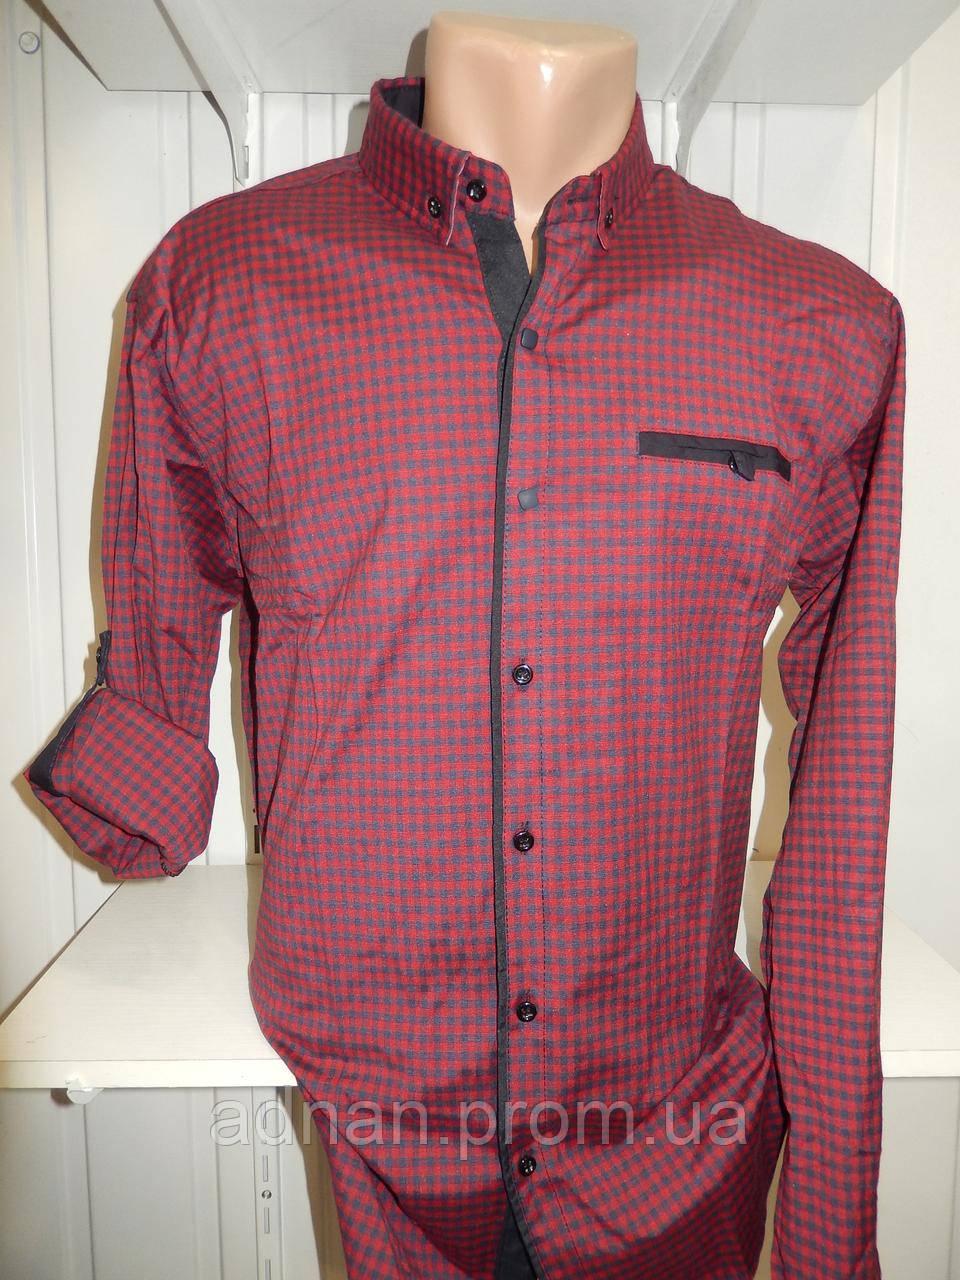 Рубашка мужская CROM клетка, Полу-батал, стрейч, 3 заклепки 005 /купить только оптом